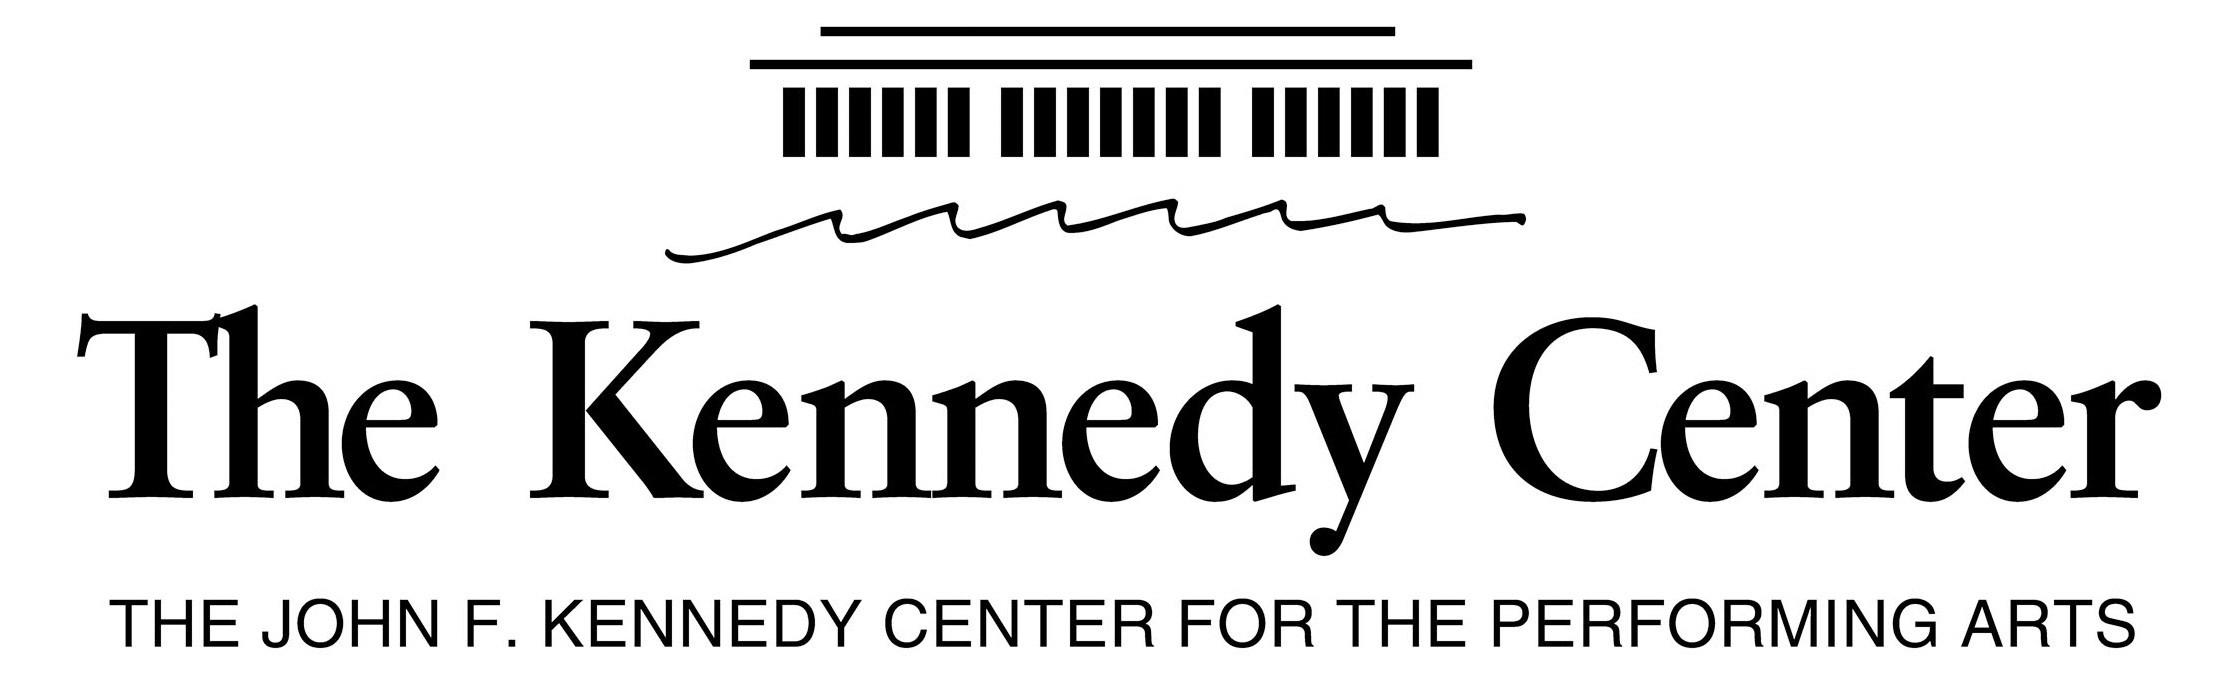 Marvelous-Kennedy-Center-Logo-16-For-Logo-Creater-with-Kennedy-Center-Logo.jpg